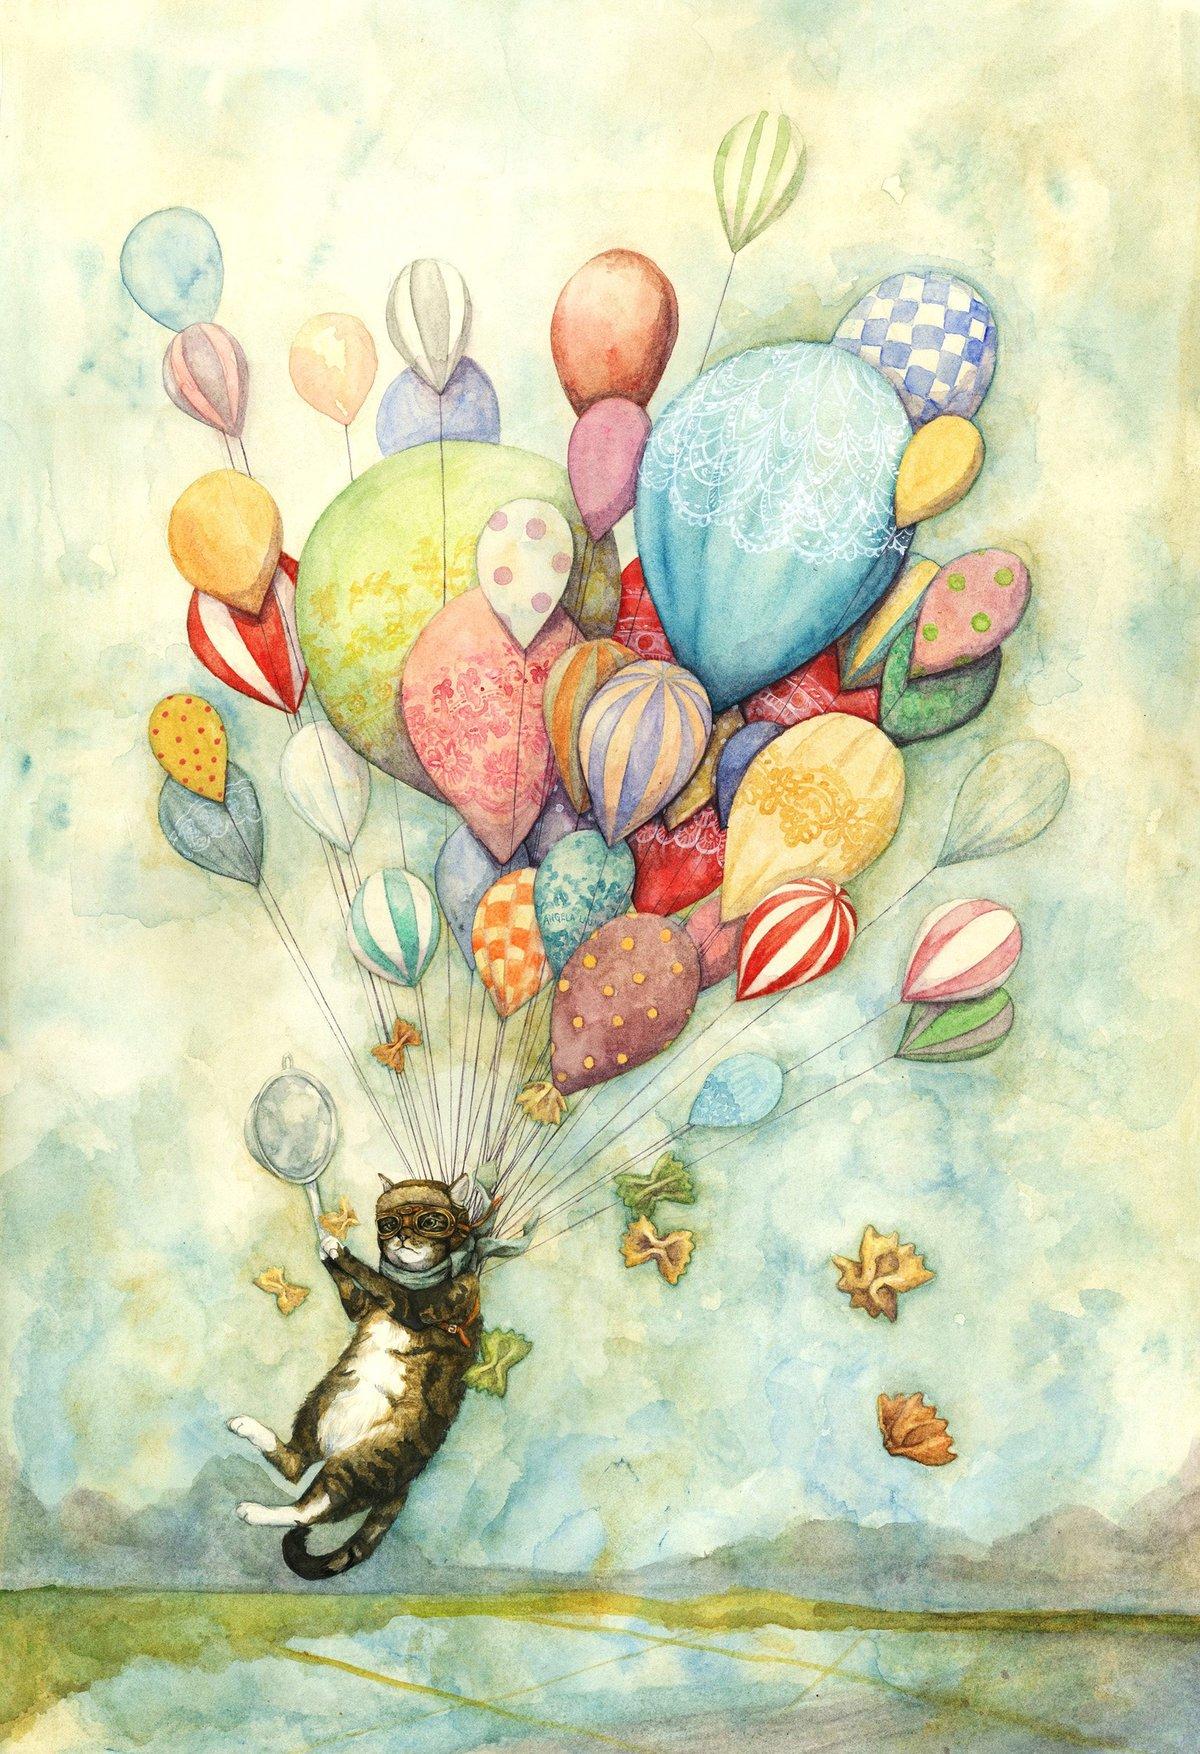 открытки с красивыми рисунками самом начале подъёма